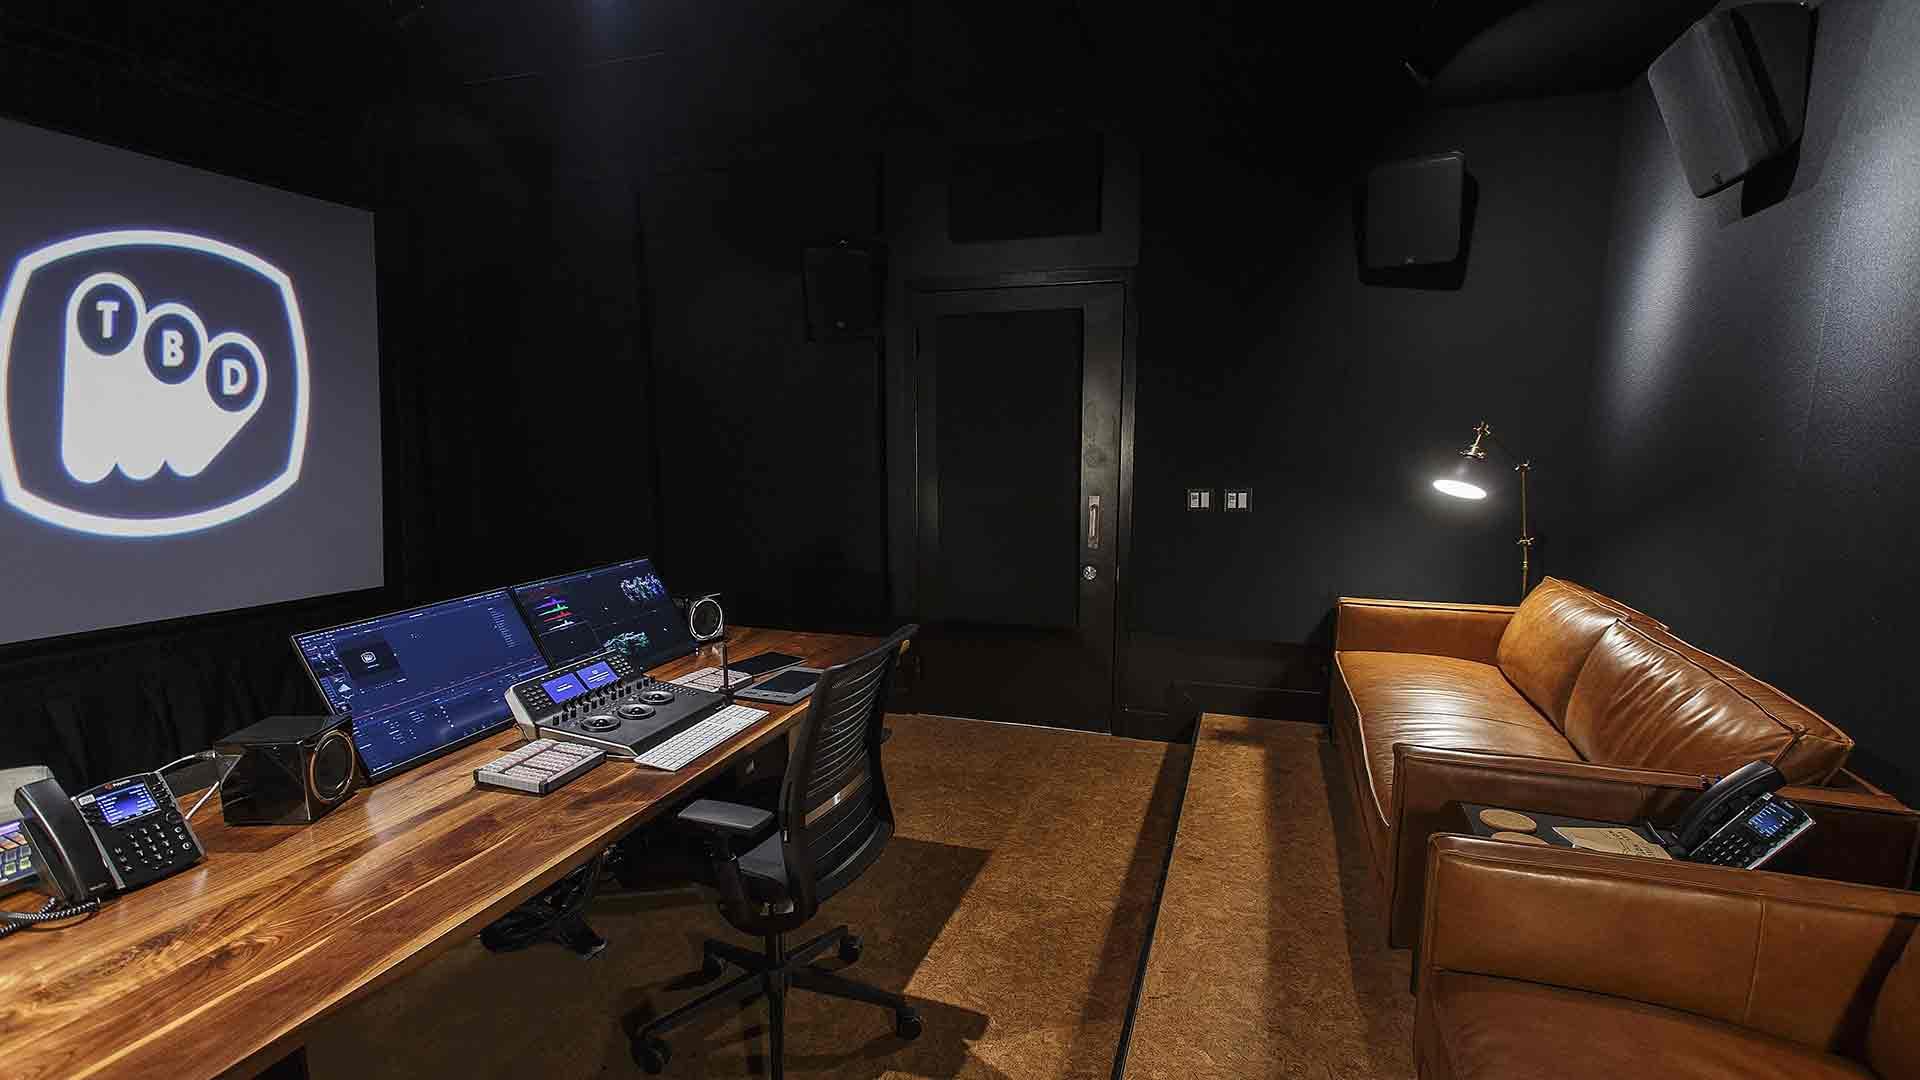 indoor screenshot floor table room chair piano text furniture